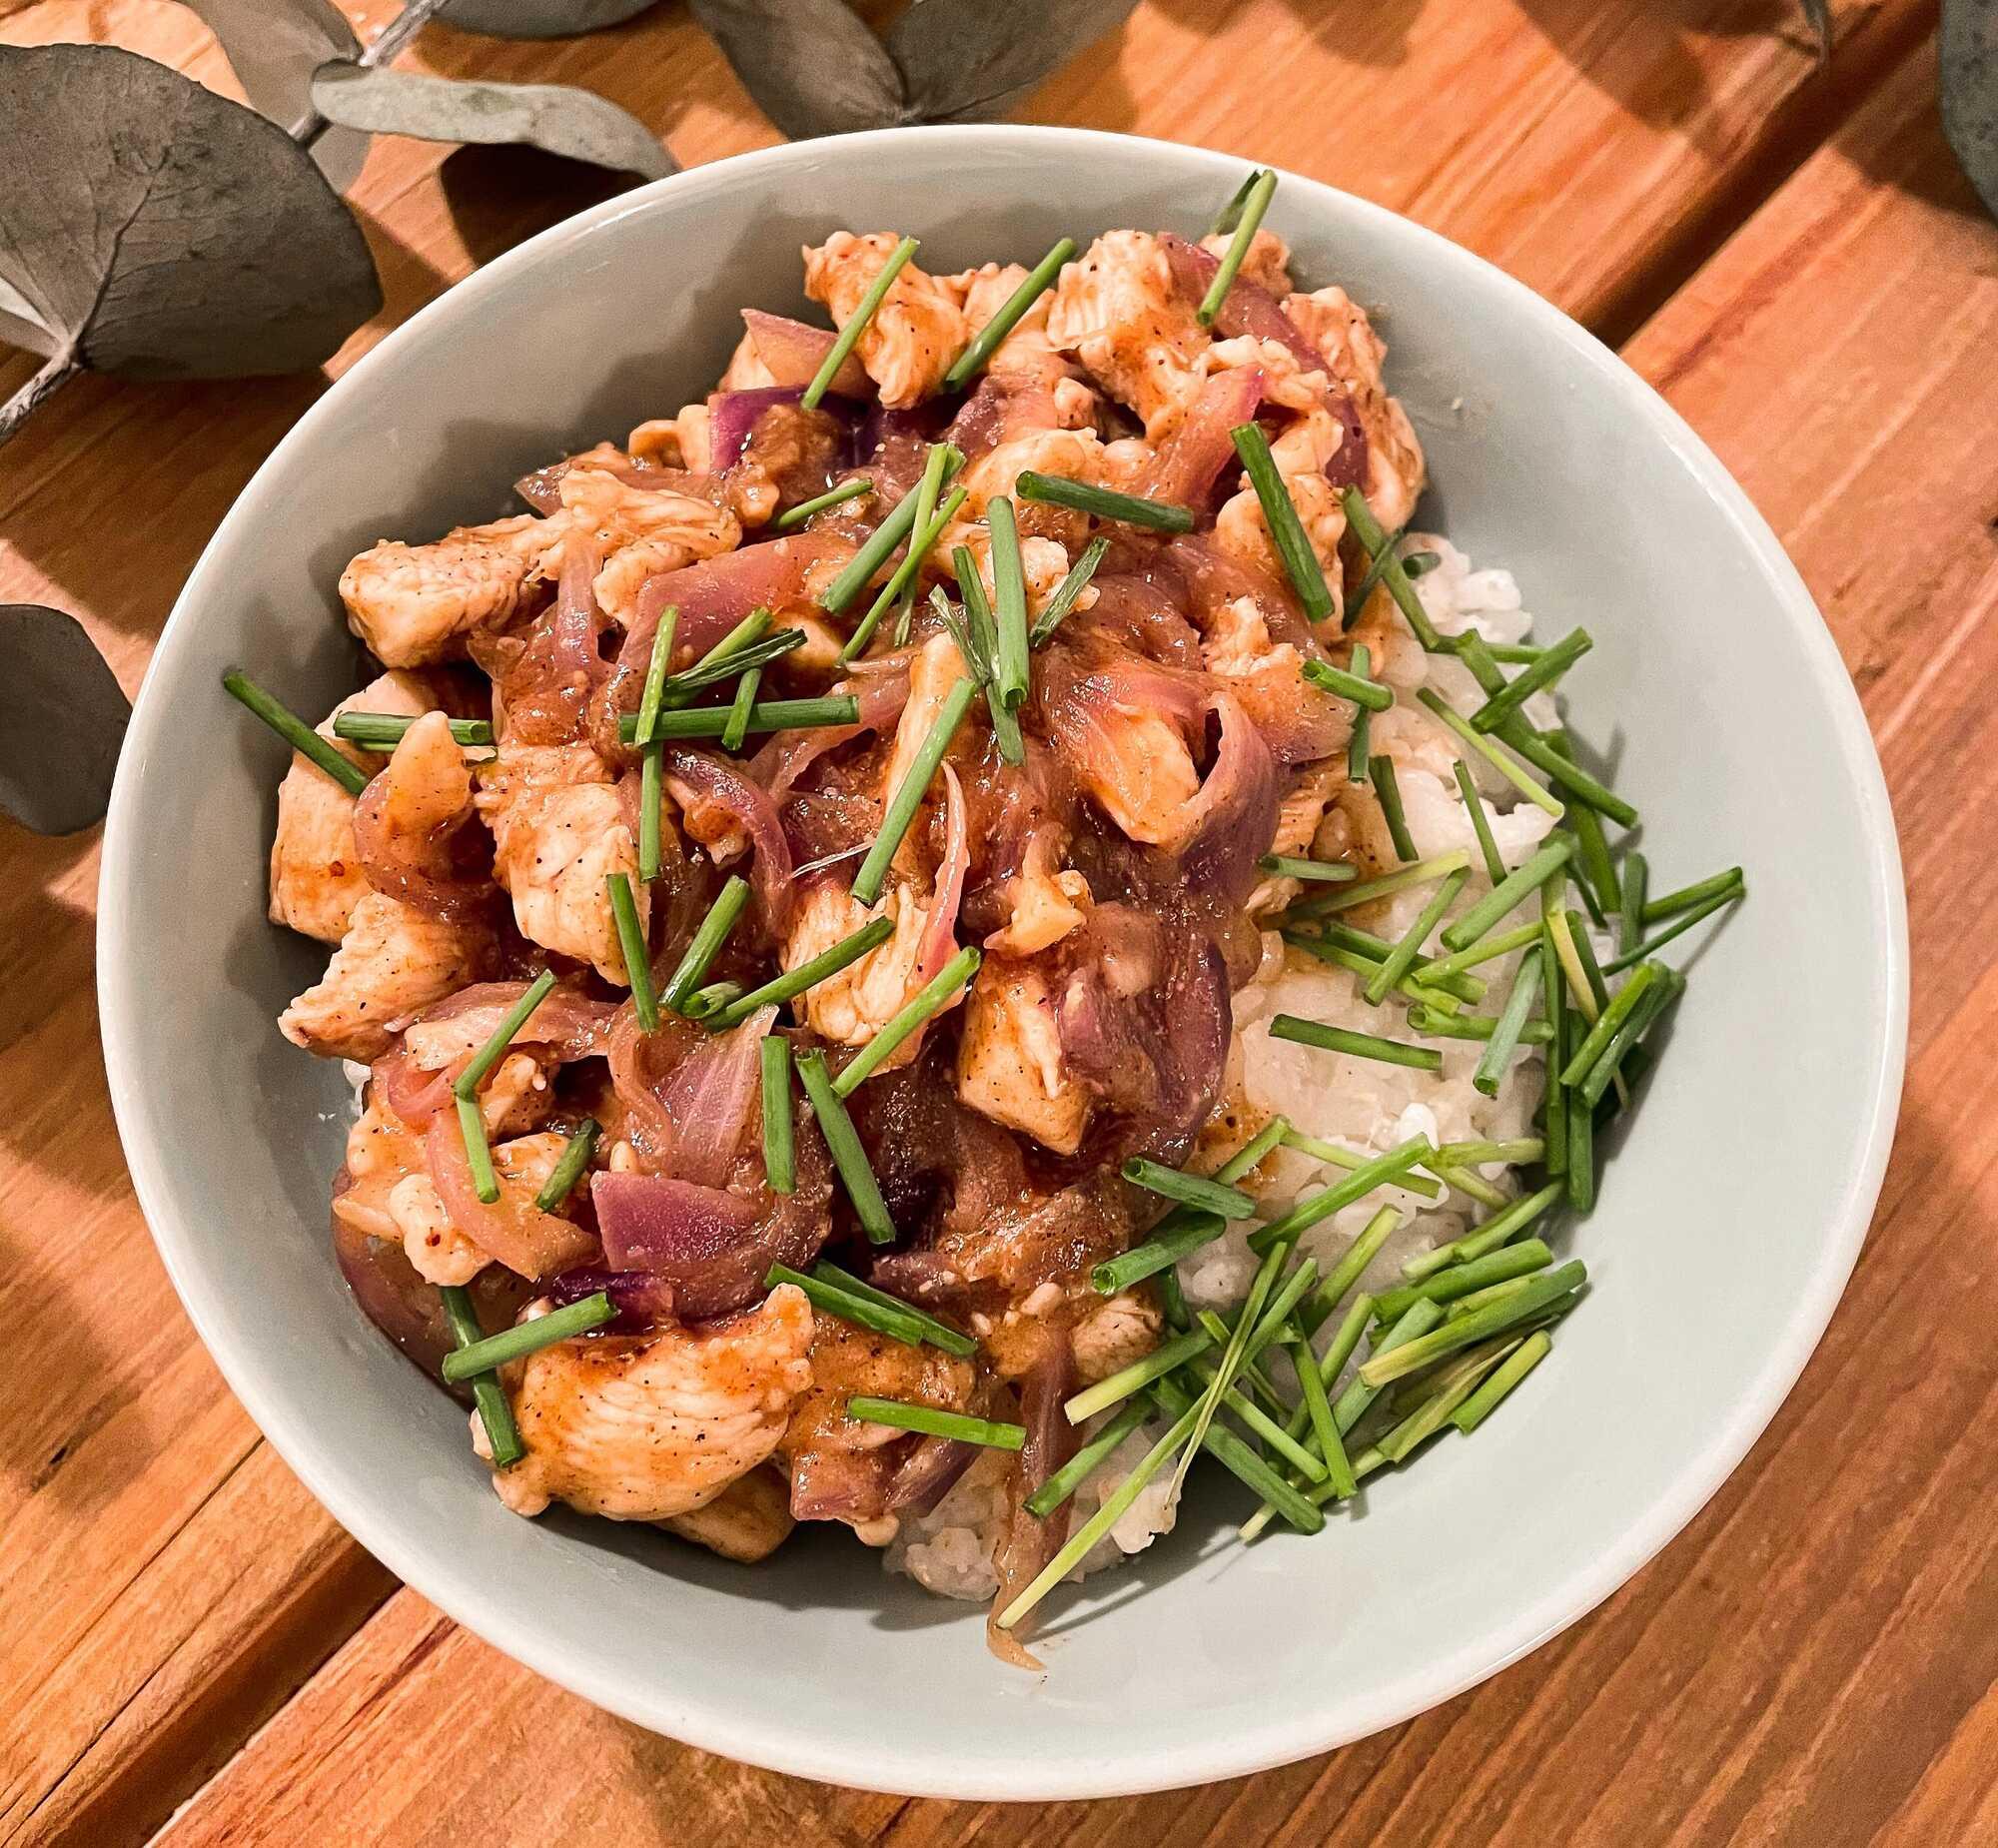 Bien coloré, les morceaux de poulet sont accompagnés de ciboulette finement ciselée. Le plaisir des yeux et des papilles est garanti.